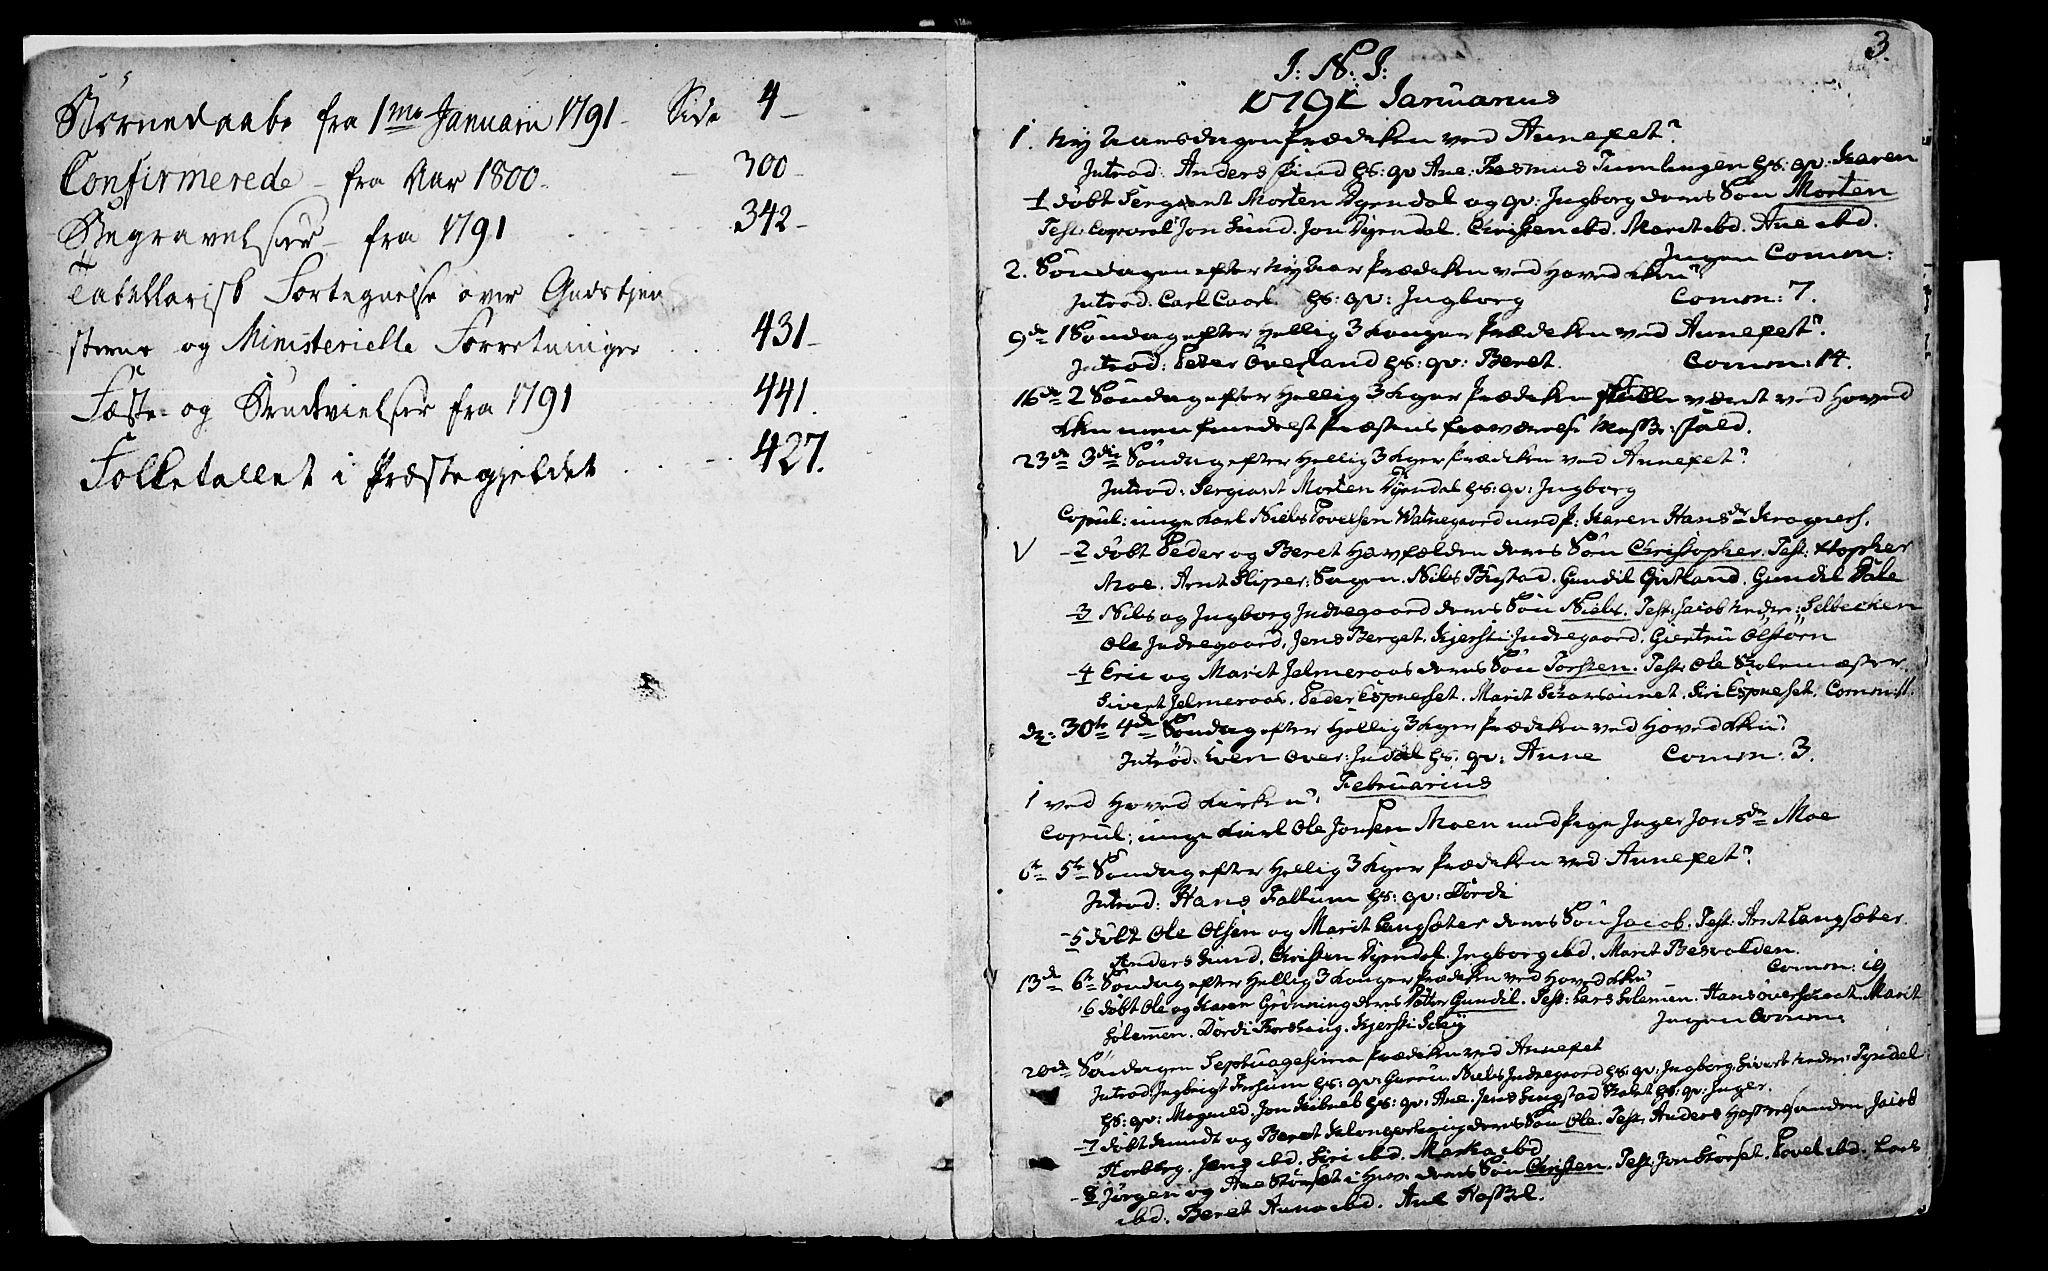 SAT, Ministerialprotokoller, klokkerbøker og fødselsregistre - Sør-Trøndelag, 646/L0606: Ministerialbok nr. 646A04, 1791-1805, s. 2-3